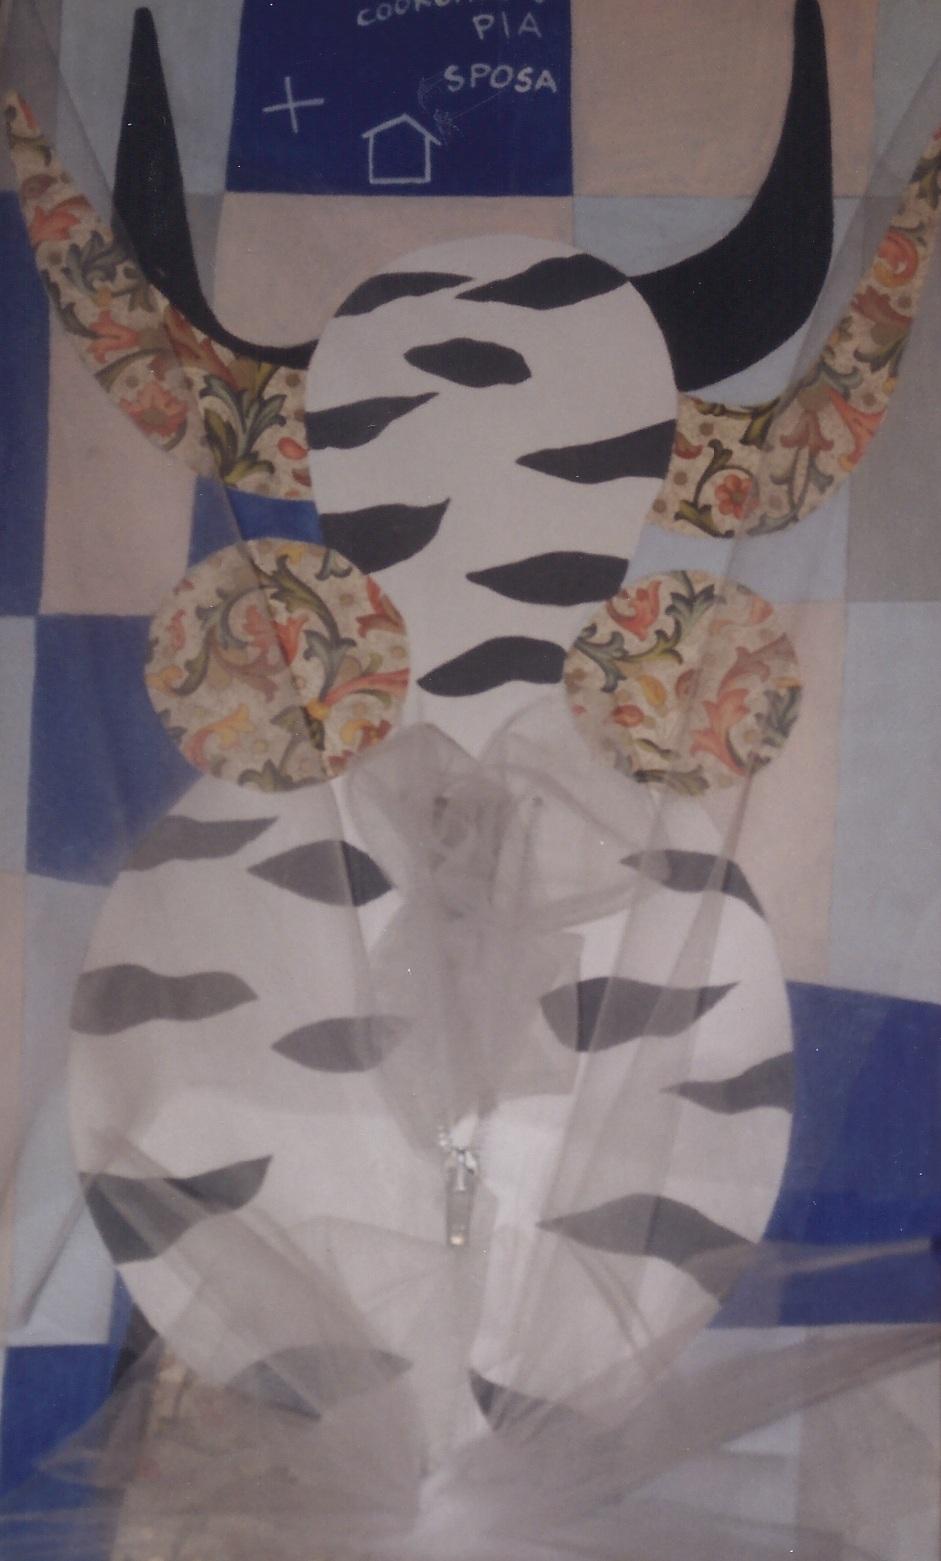 COORDINATO PIA SPOSA tecnica mista con assemblage,taglio e cerniera con tulle su tela cm 50 x cm 35